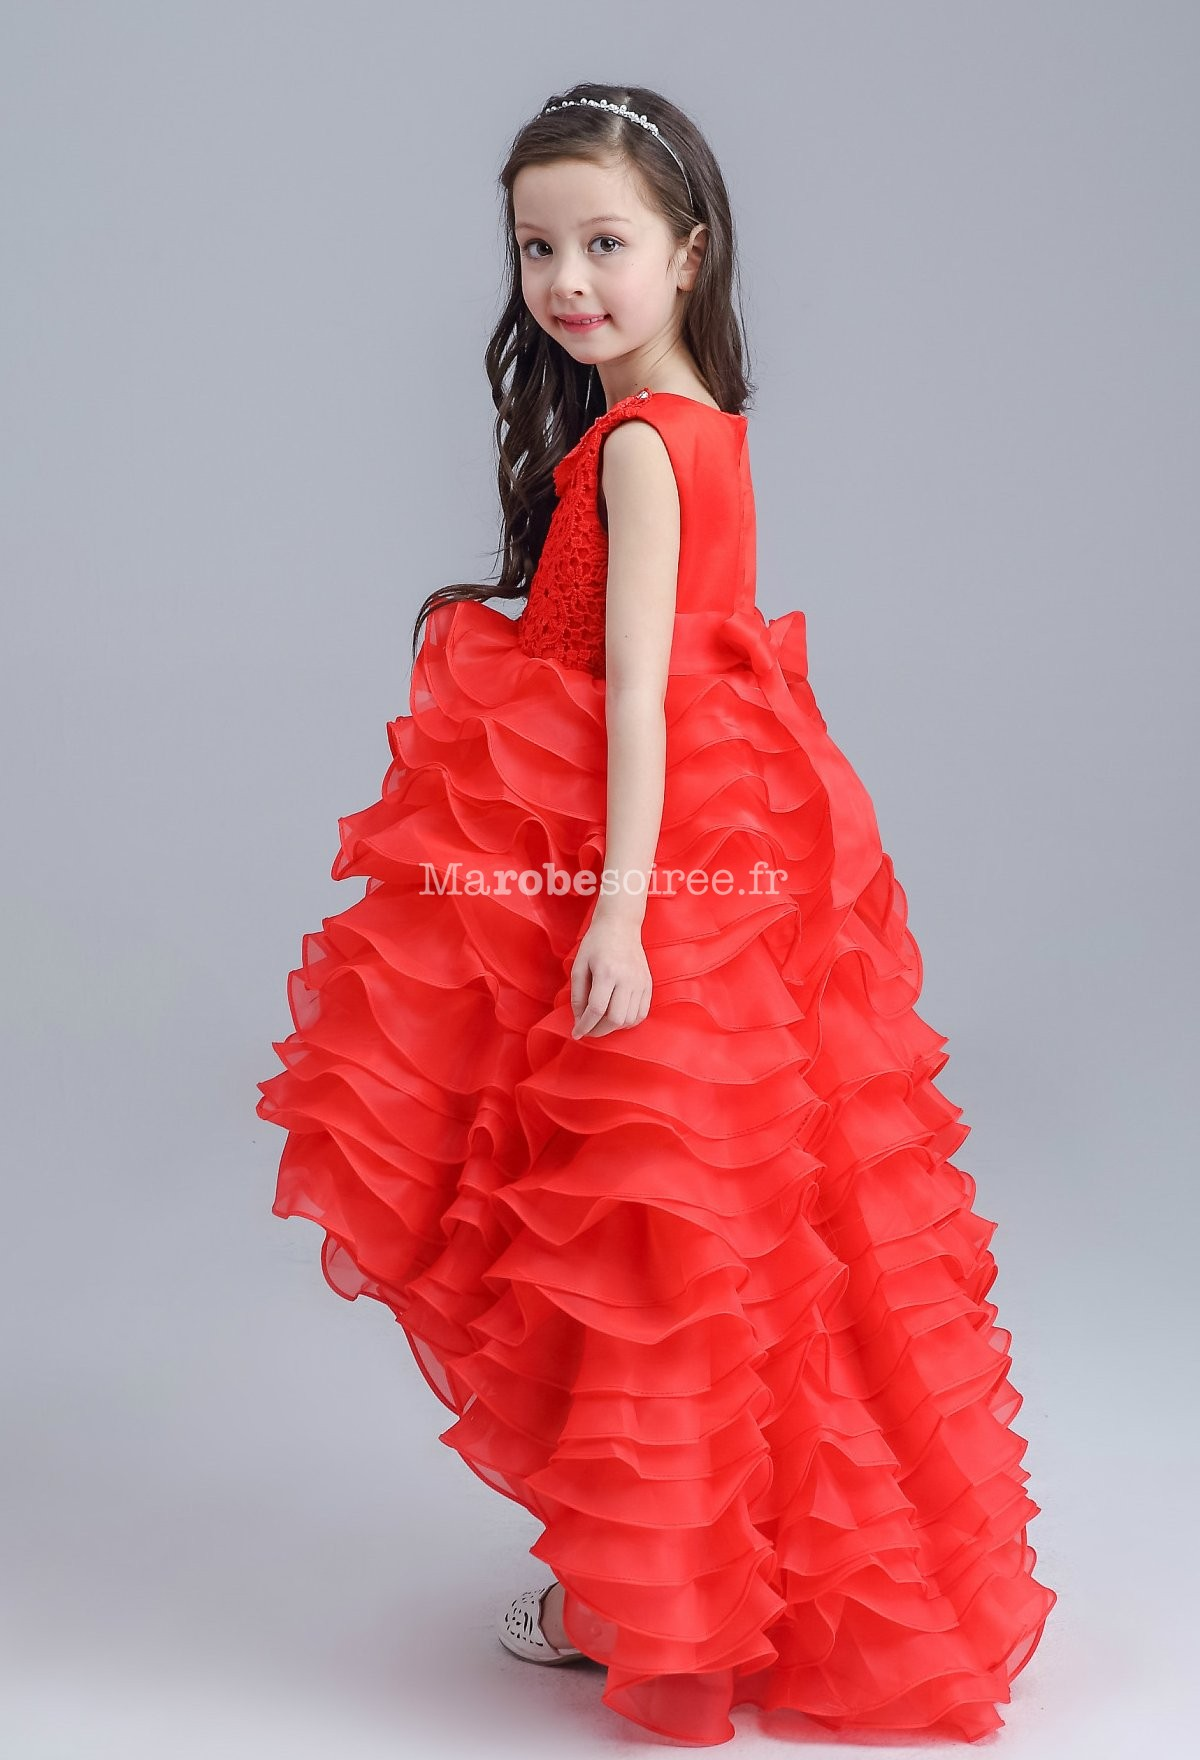 4c724d6695429 ... pour jeune fille longueur asymétrique  Rouge  Blanc  Jolie robe fille  asymétrique en couleur rouge ...